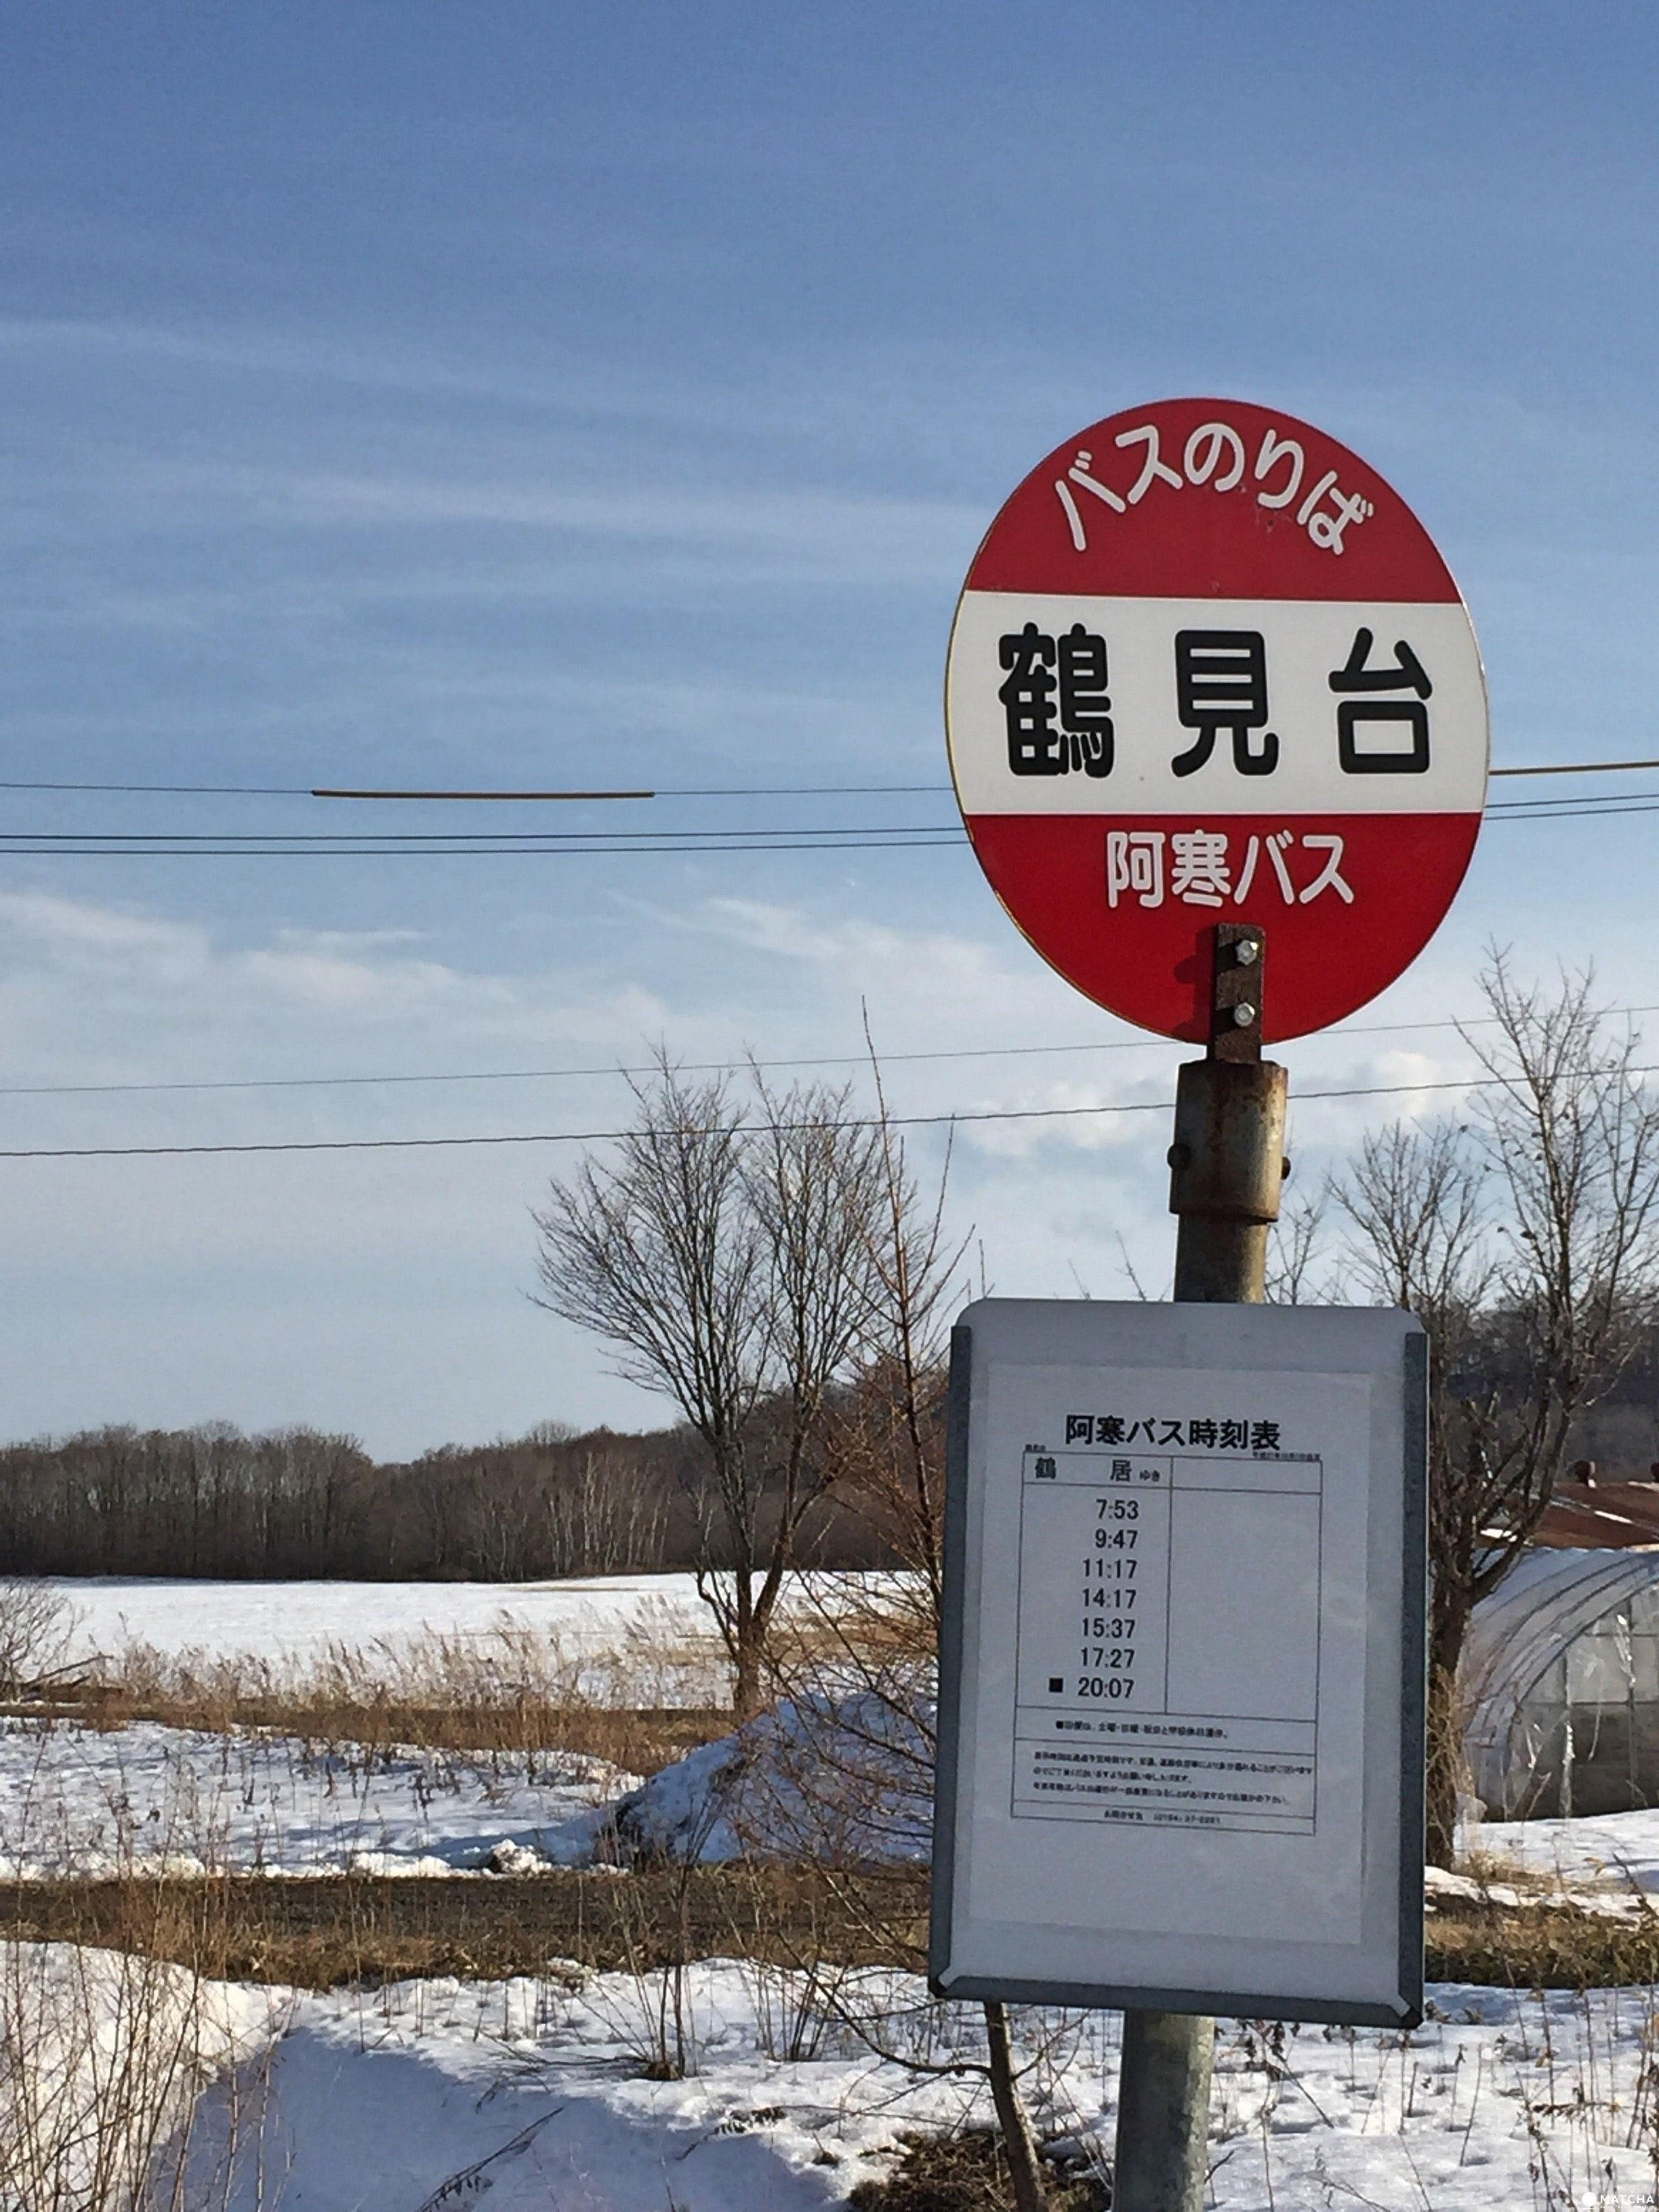 往最美麗村莊前進!丹頂鶴故鄉「鶴居村」旅行計畫